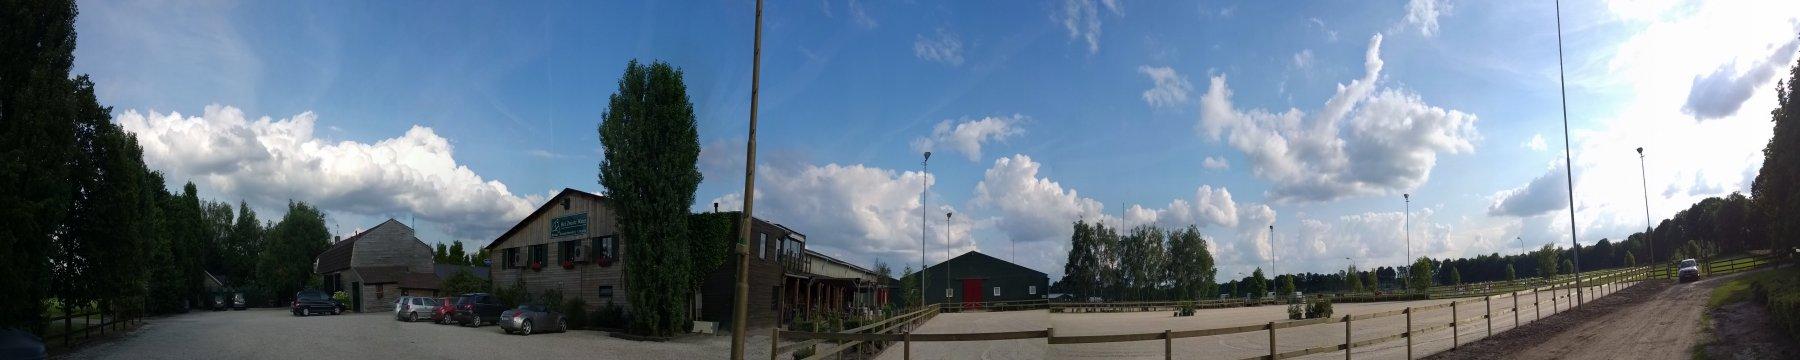 20140618-Het-Zwarte-Water-Panorama-Vooraanzicht-1800x360